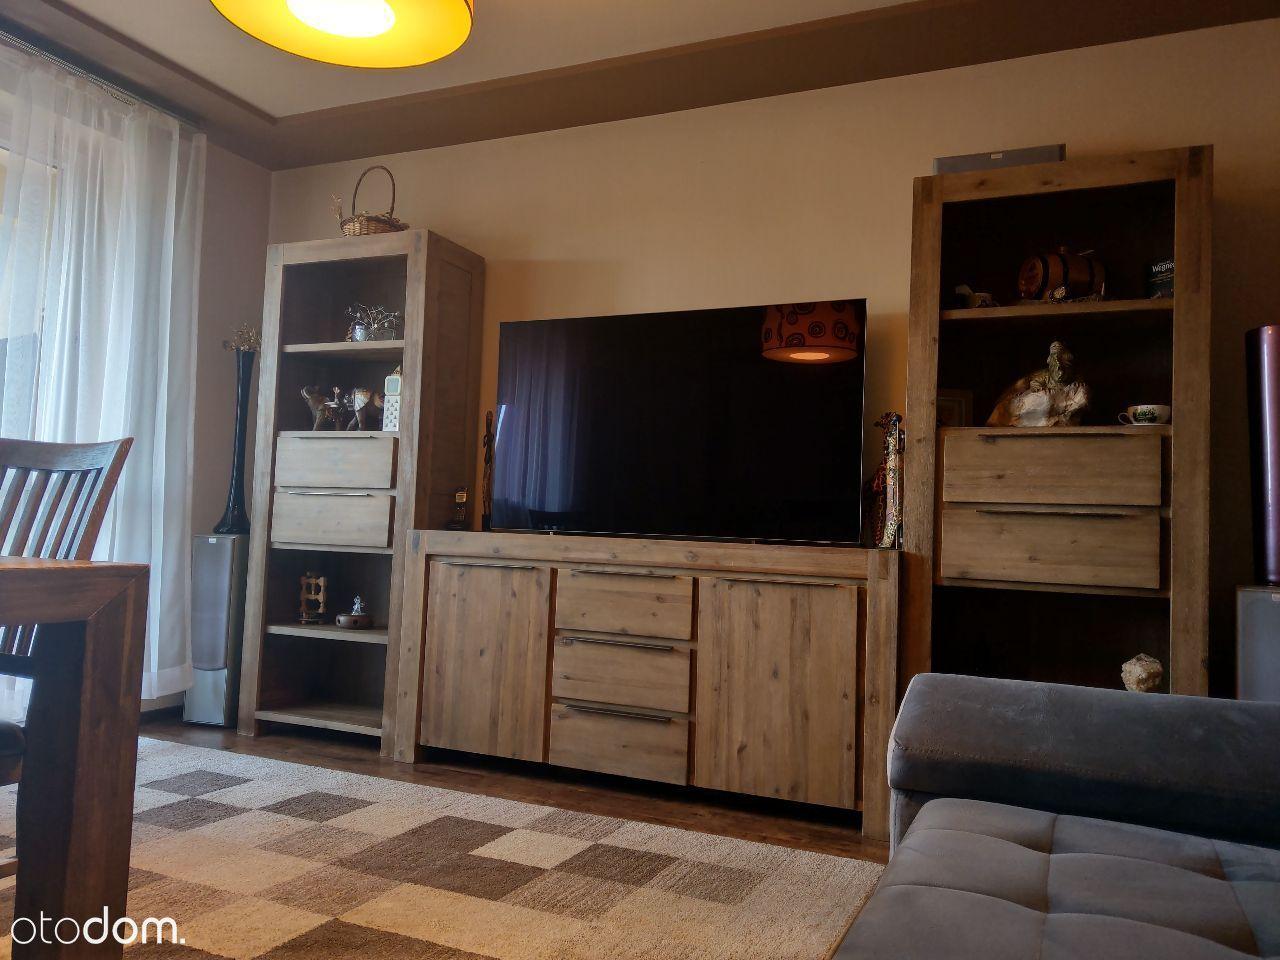 MIeszkanie 68 m2 ogrodzone osiedle ul. Traugutta